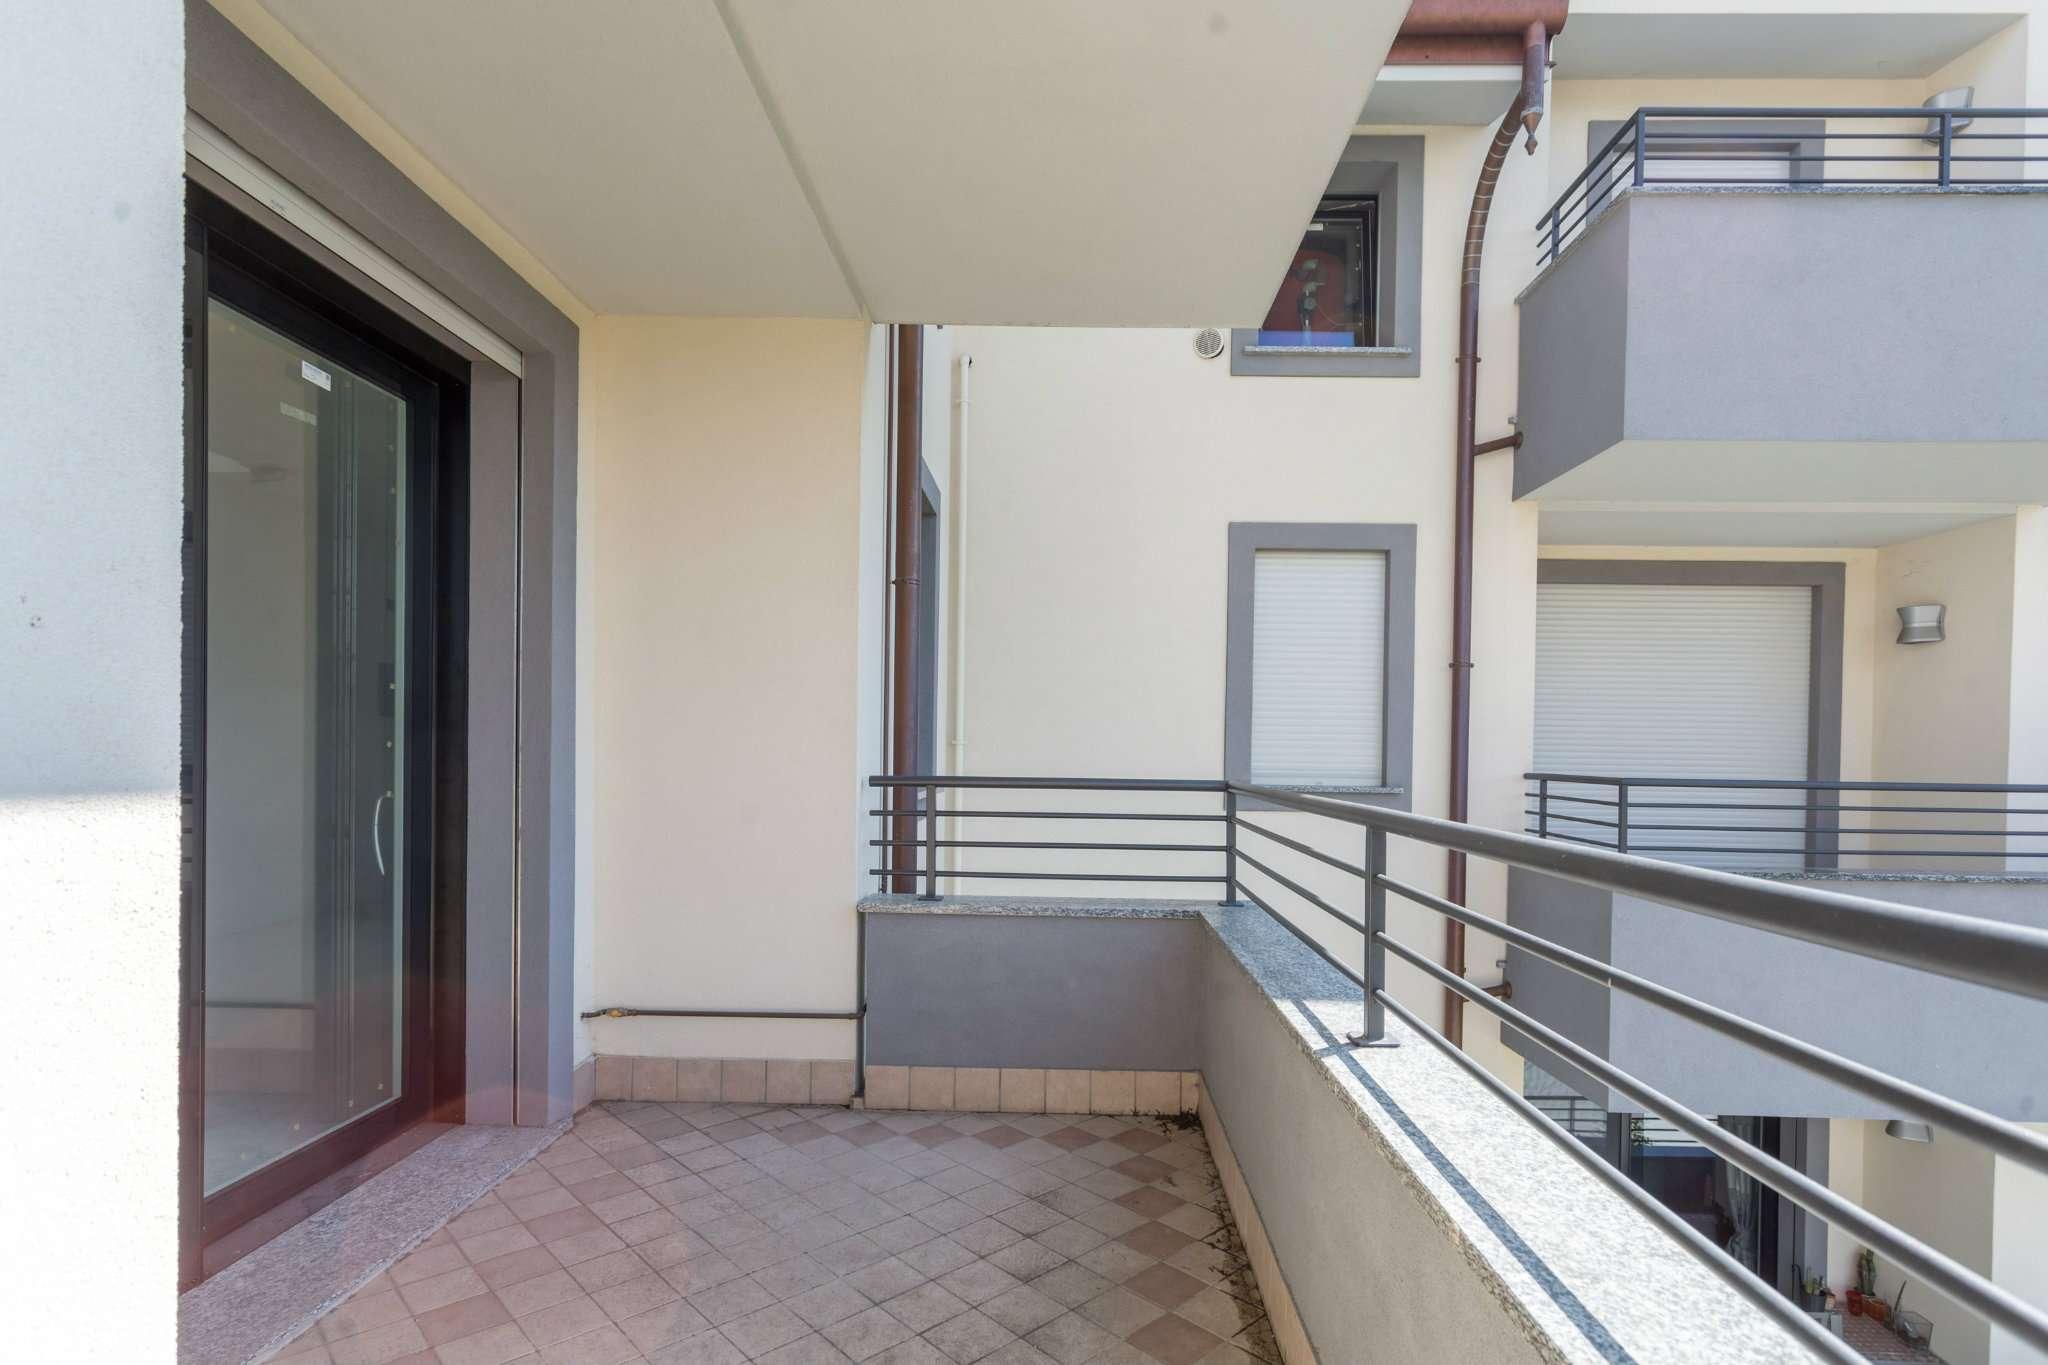 Appartamento in vendita a Cernusco sul Naviglio, 3 locali, prezzo € 389.000 | CambioCasa.it